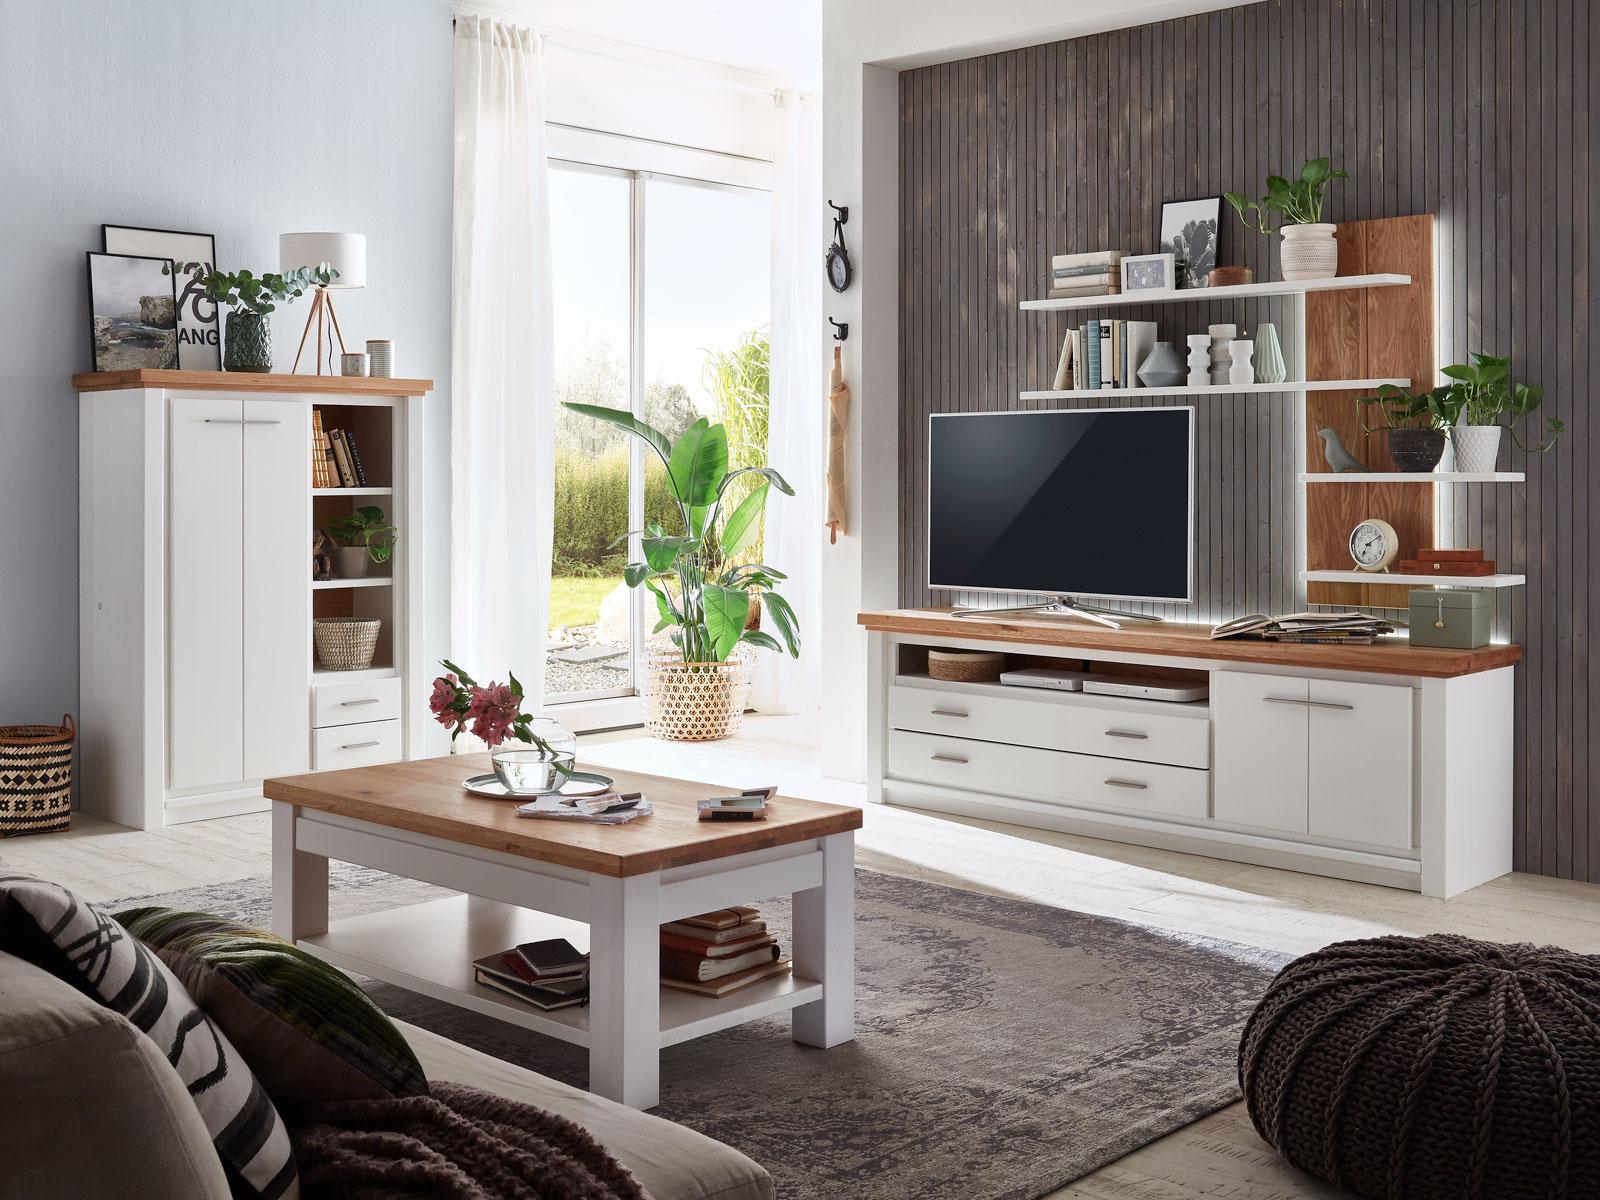 Tv Lowboard Set Mit Wand Regal Olbia 208x64x48 Cm Pinie Nordica Weiss Und Wildeiche Natur Geolt